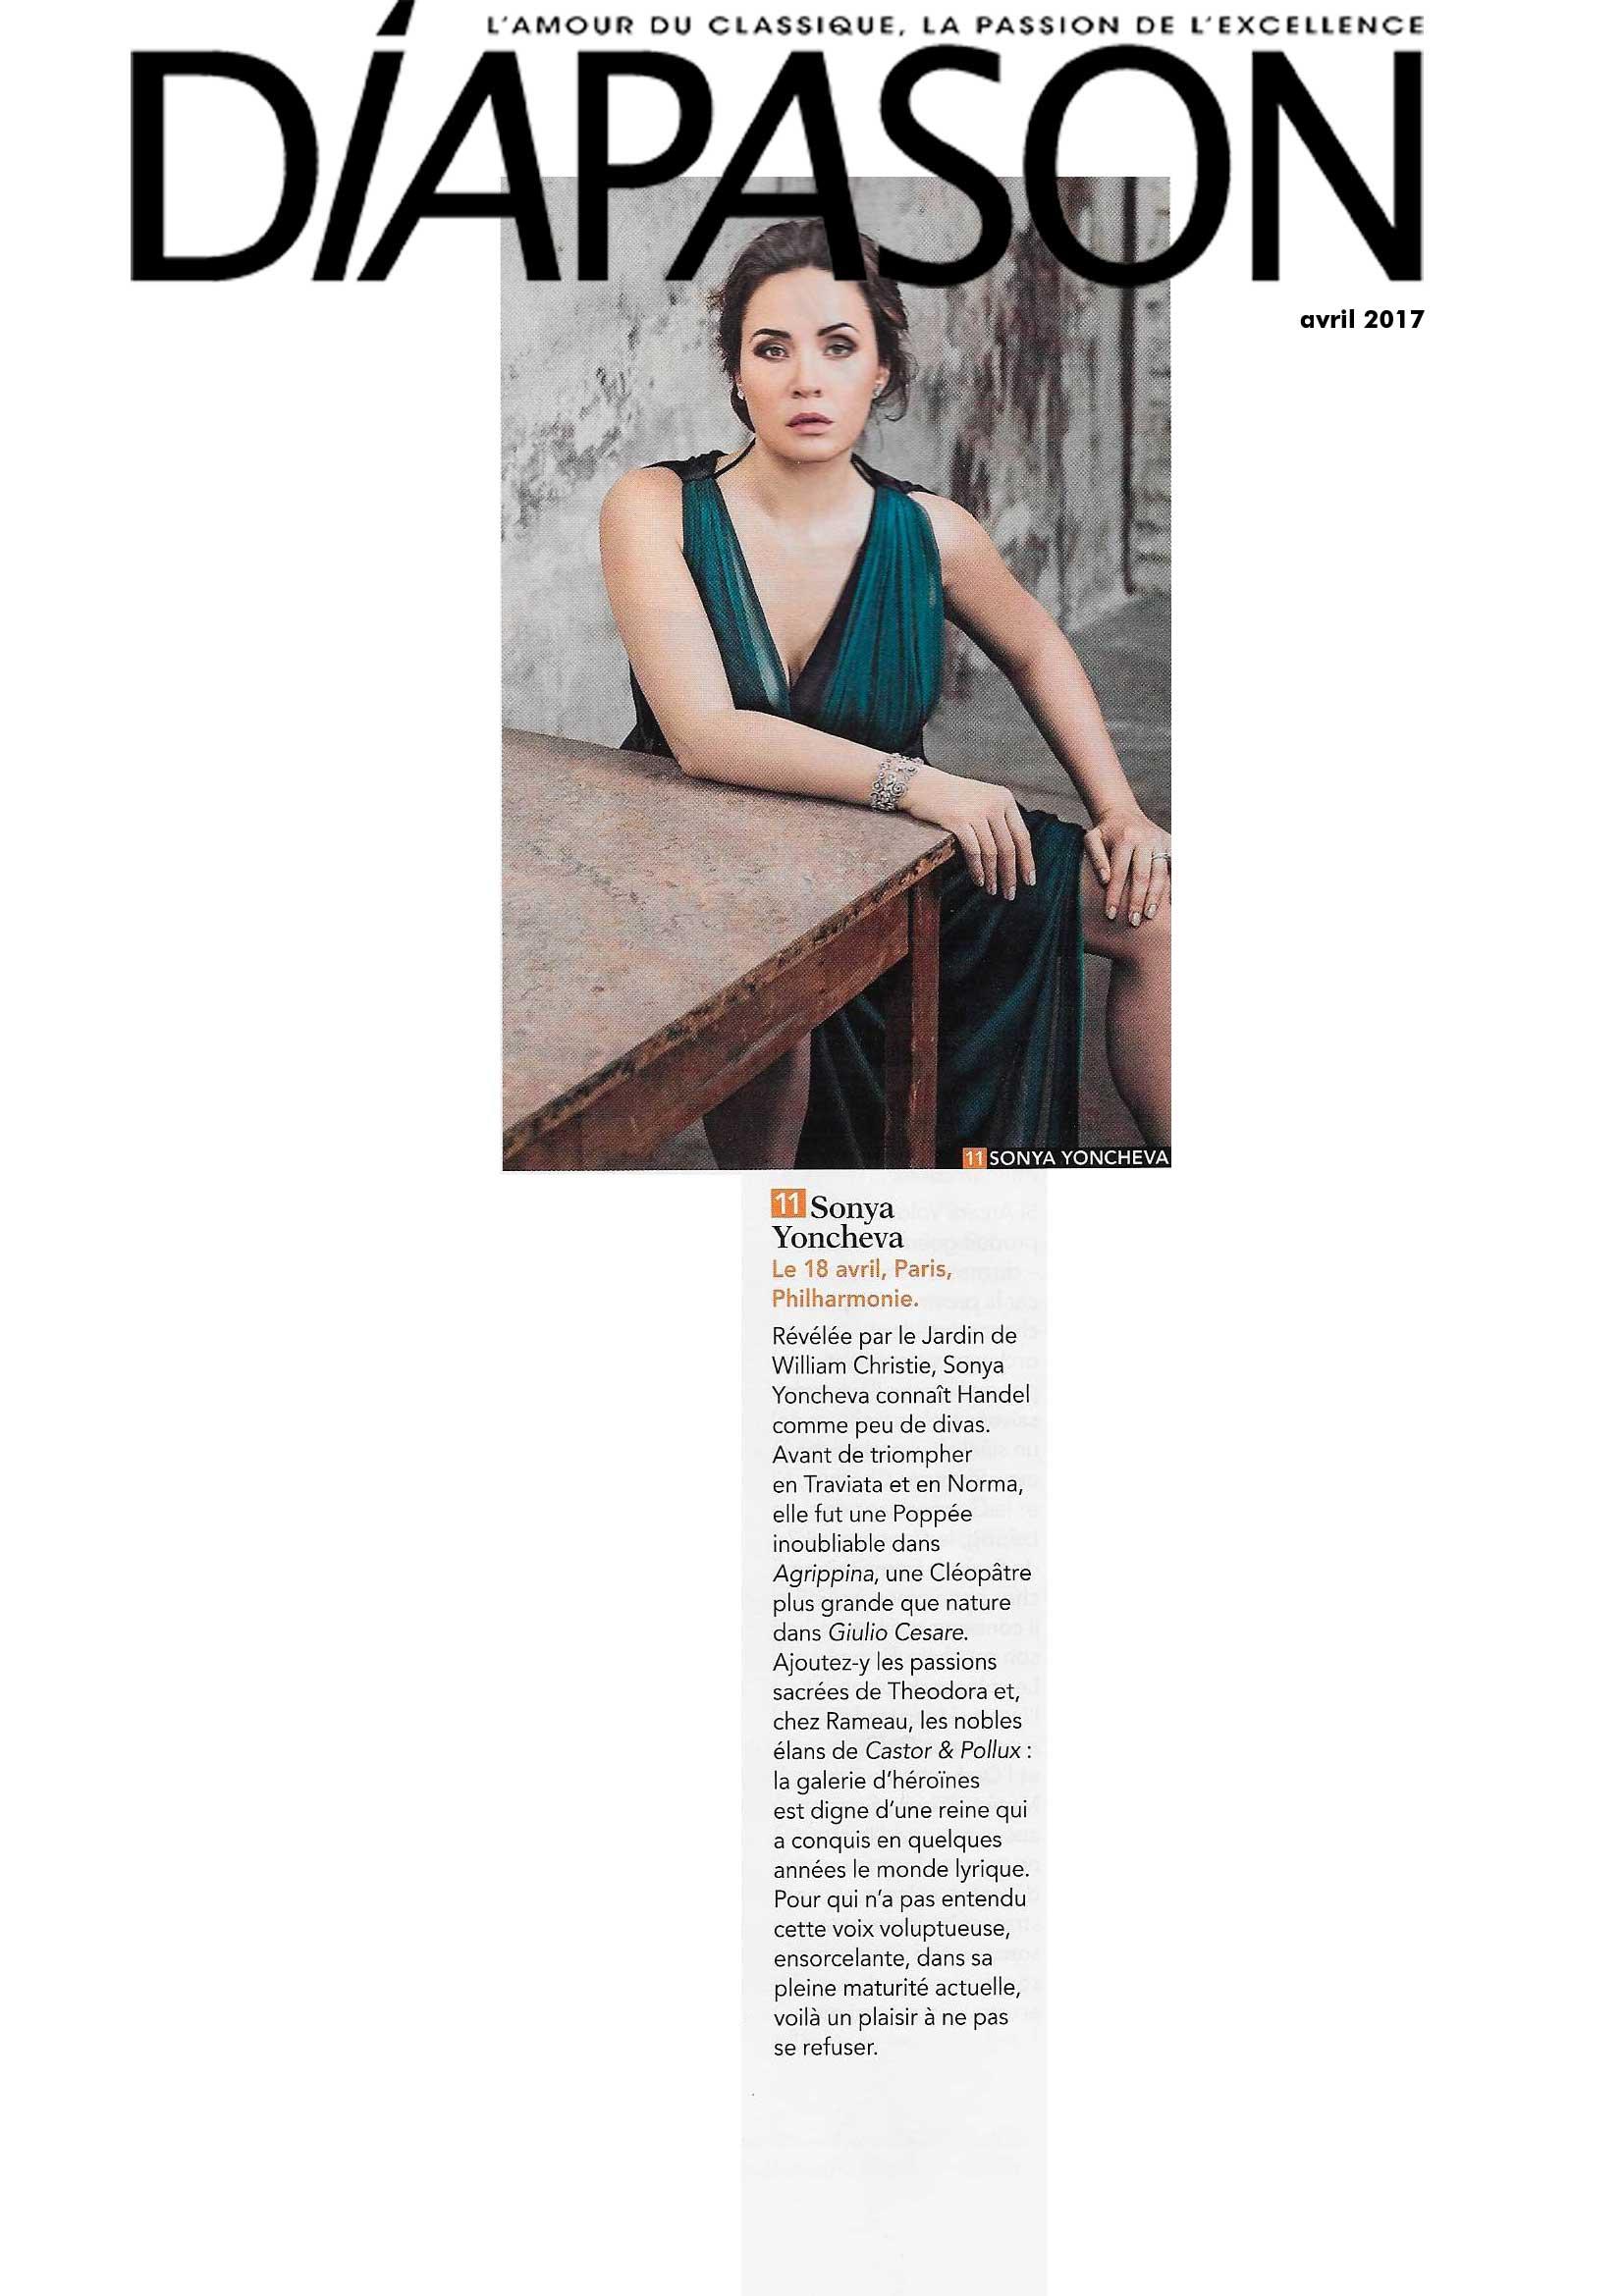 Annonce du récital de Sonya Yoncheva le 18 avril 2017 à la Philharmonie de Paris dans le numéro de Diapason d'avril 2017.